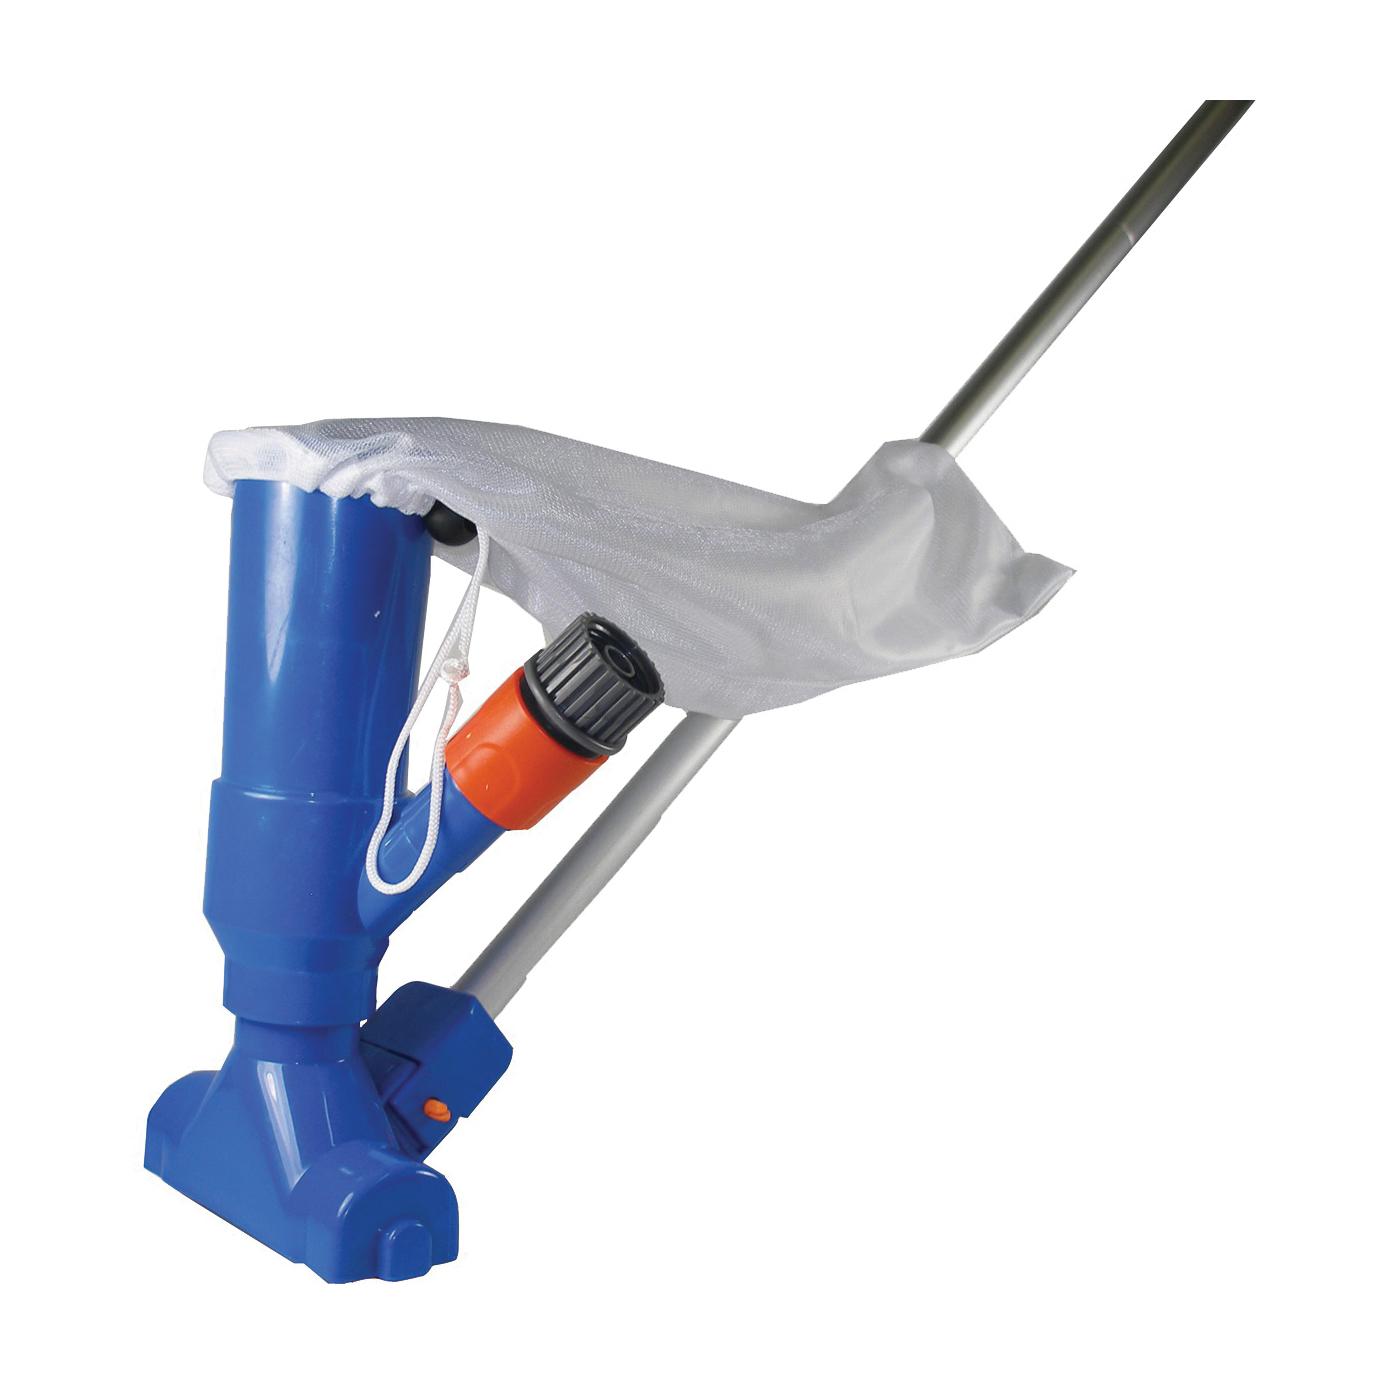 Picture of JED POOL TOOLS 30-152 Venturi Vacuum